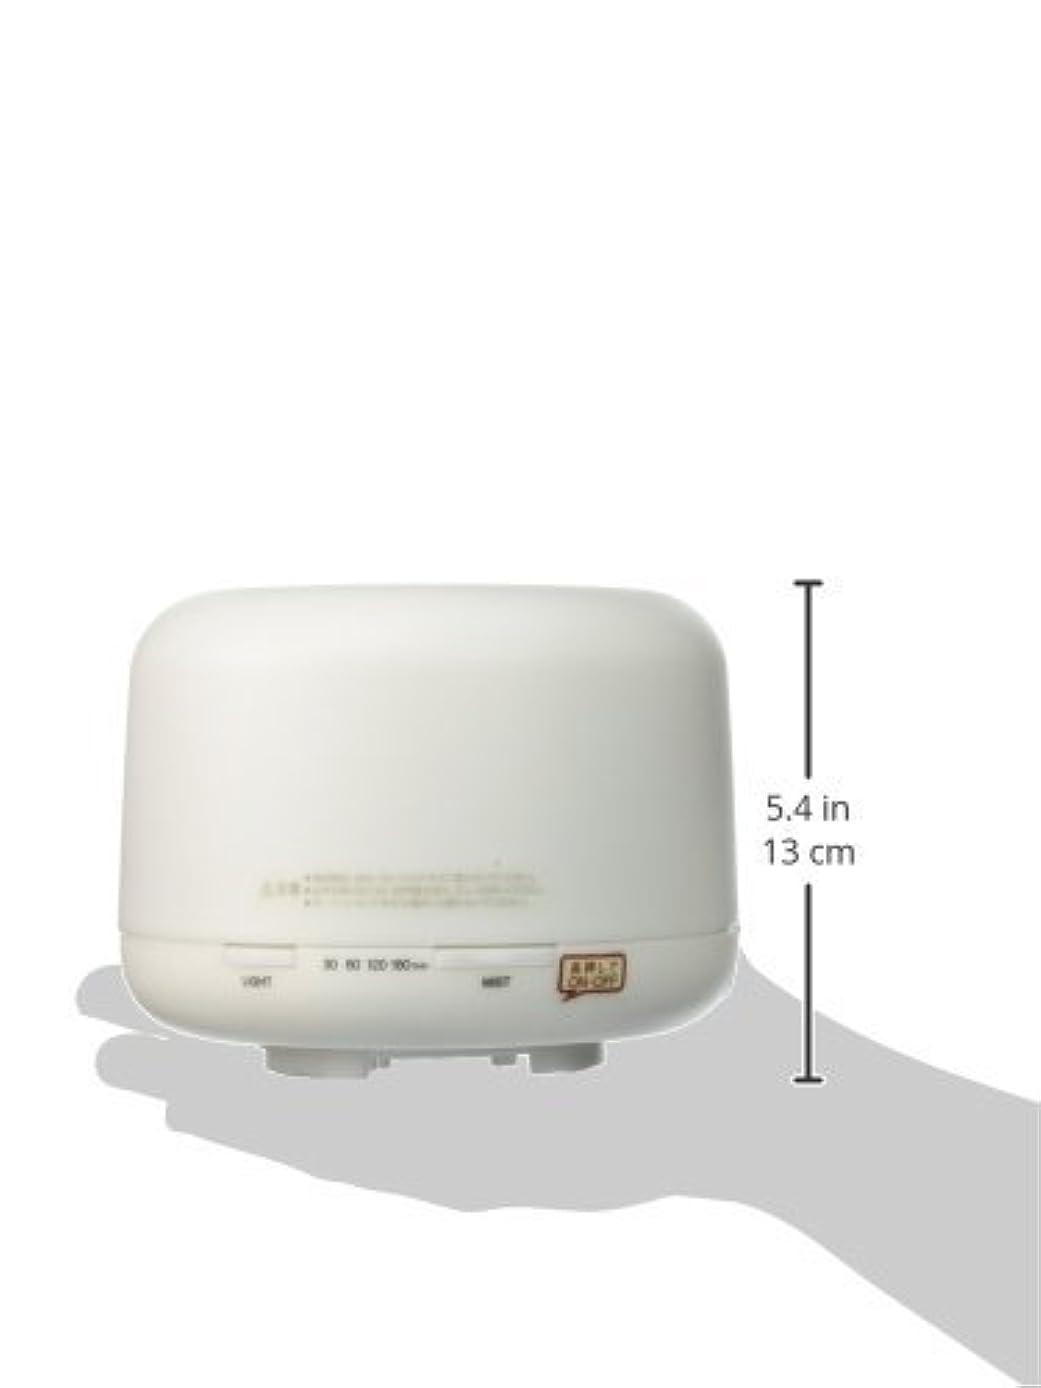 ホットふざけた申請中【無印良品】 超音波うるおいアロマディフューザー HAD-001-JPW